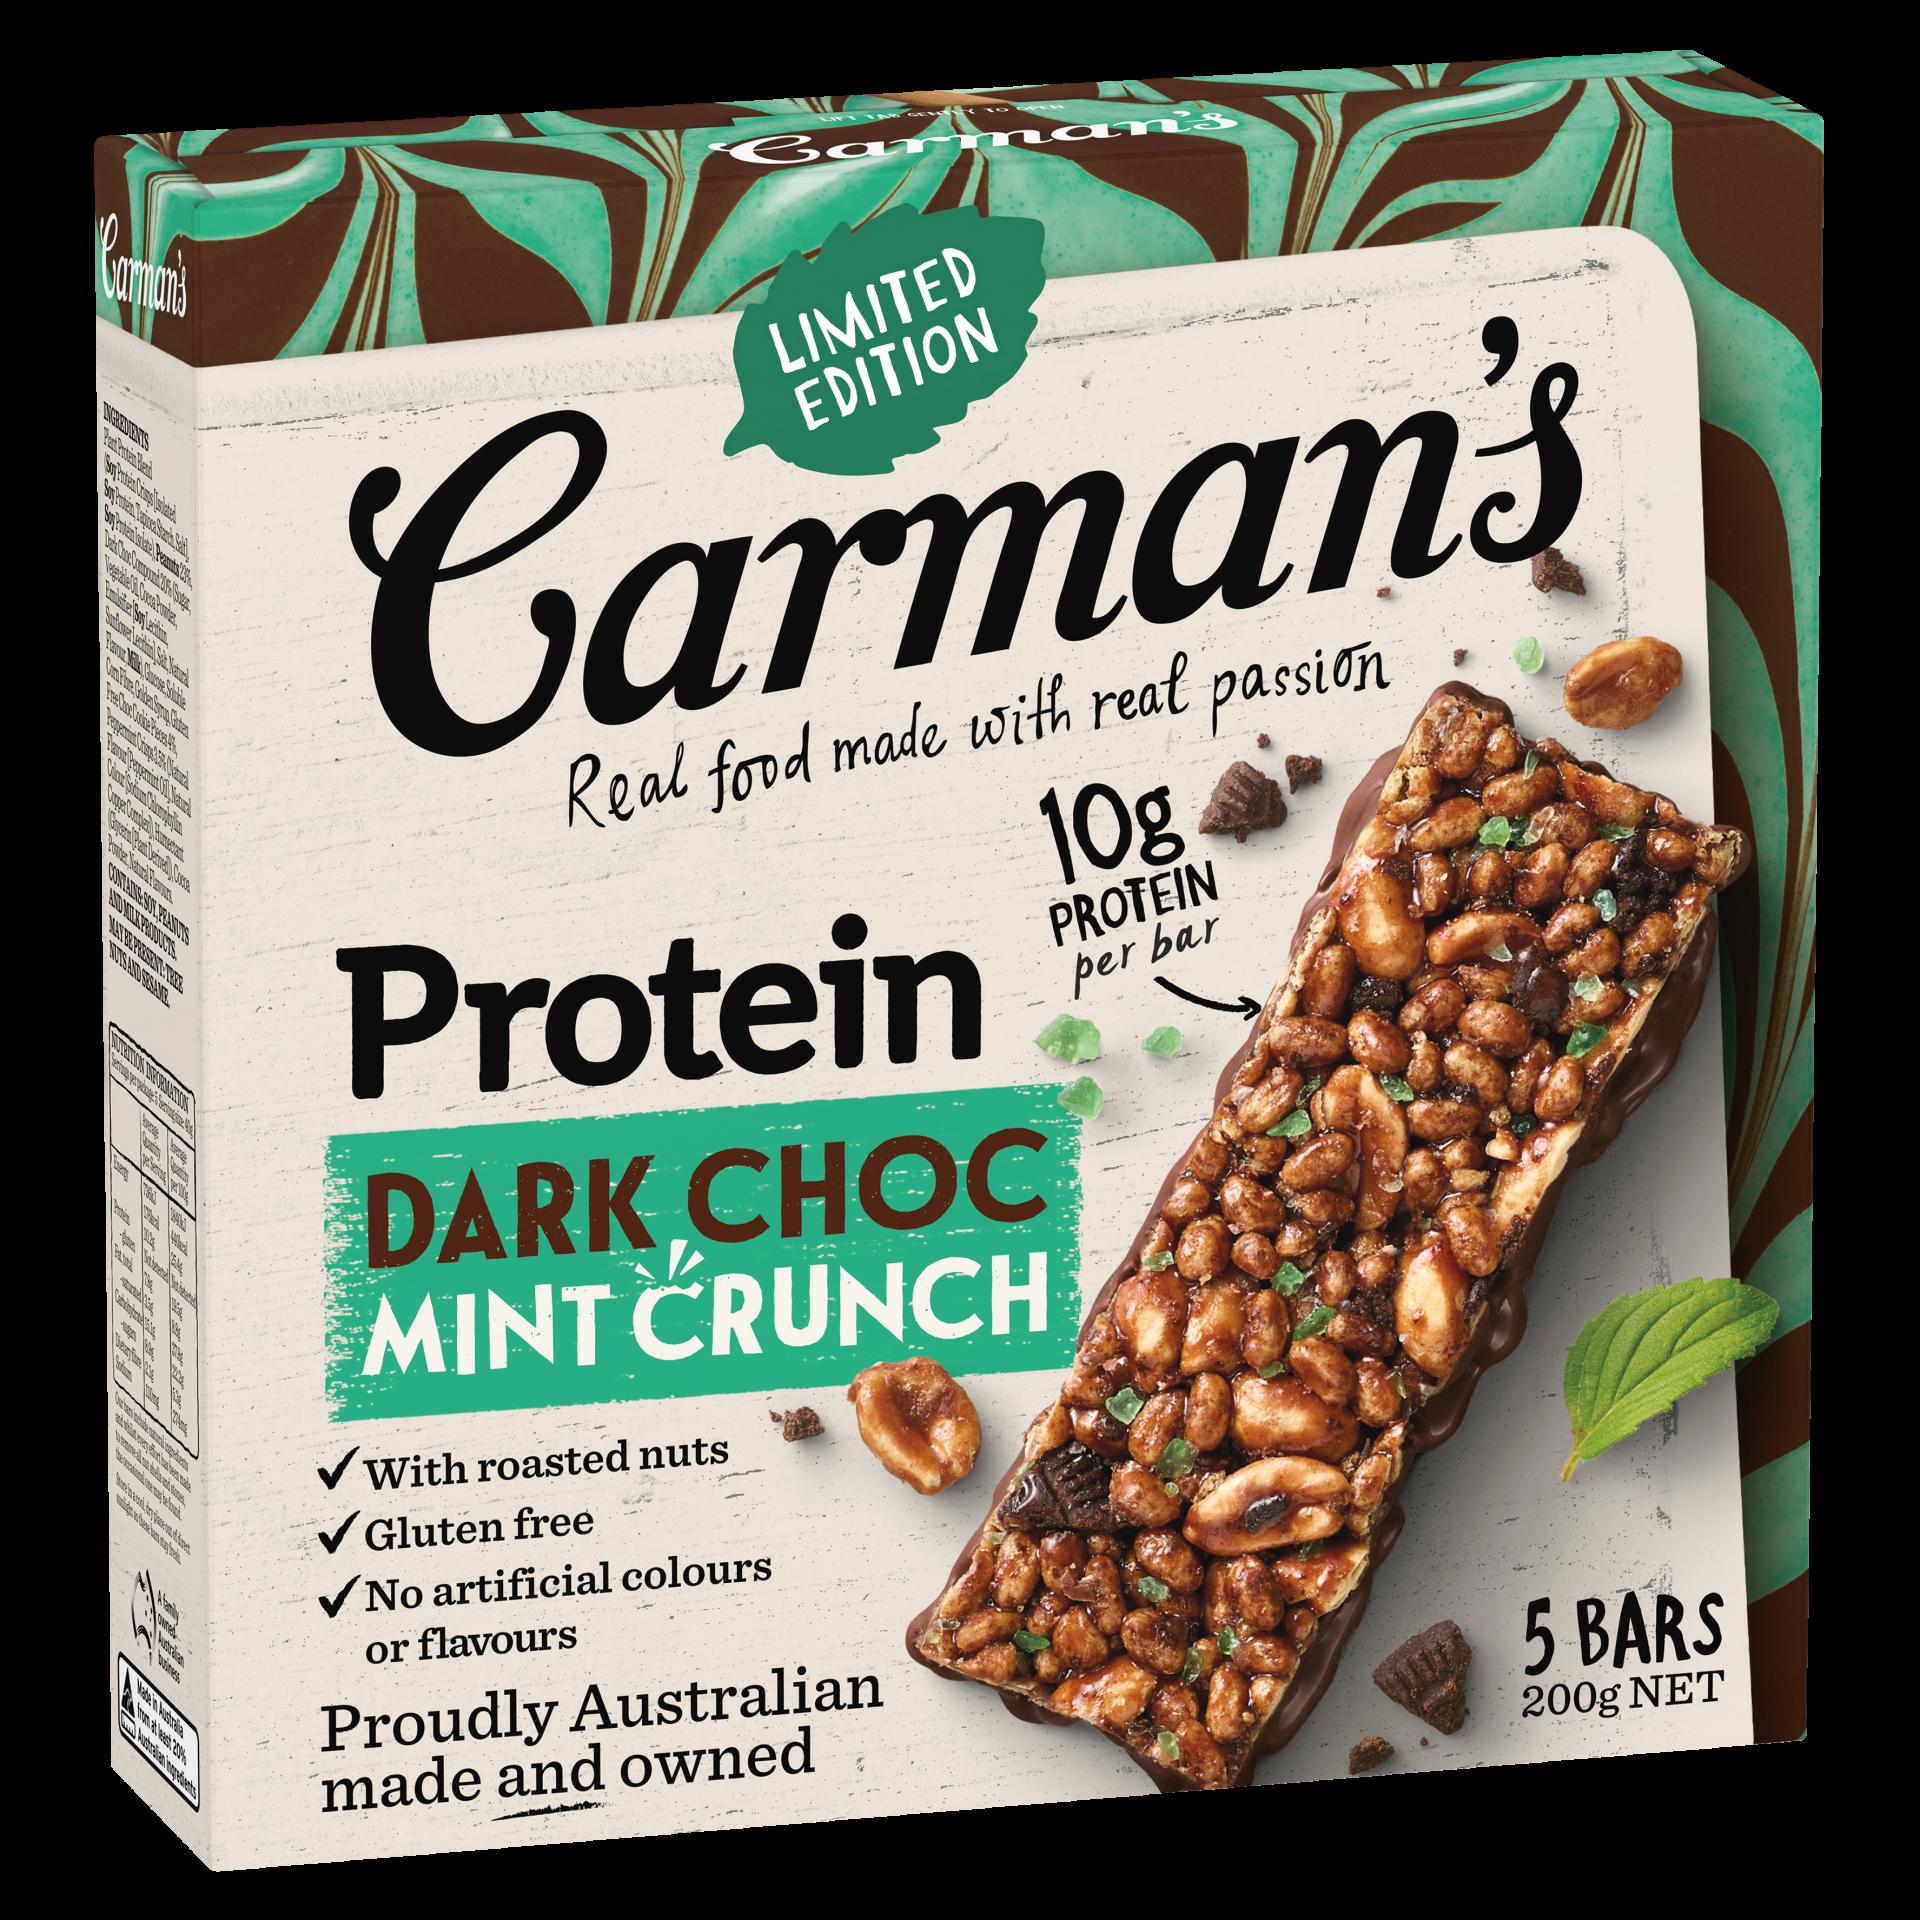 Dark choc Mint Crunch Protein Bars